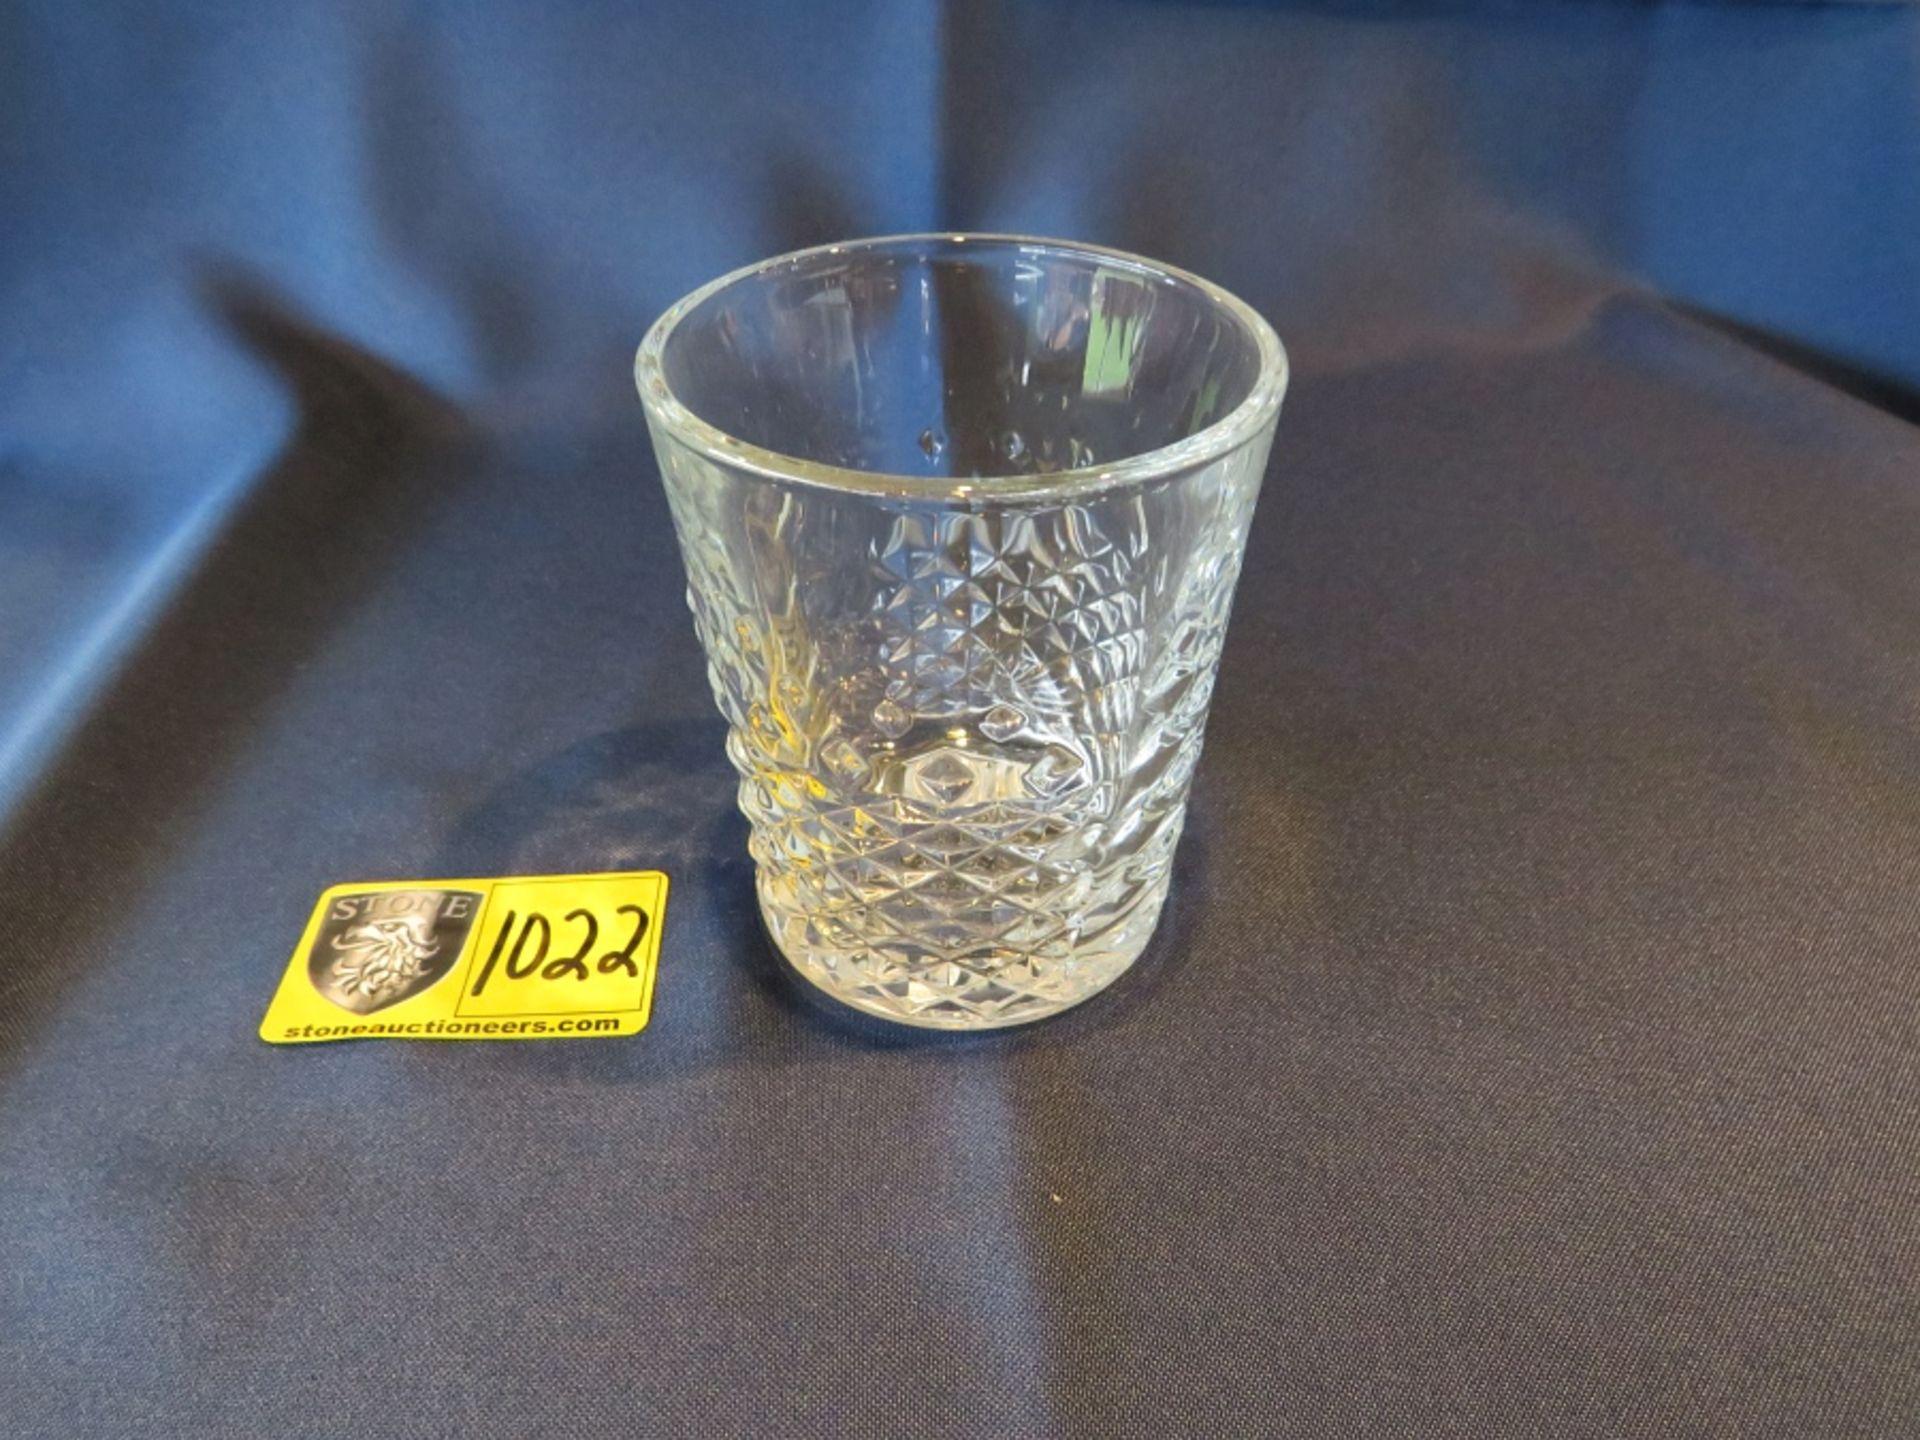 Lot 1022 - LOBALL CUT GLASS 12OZ.